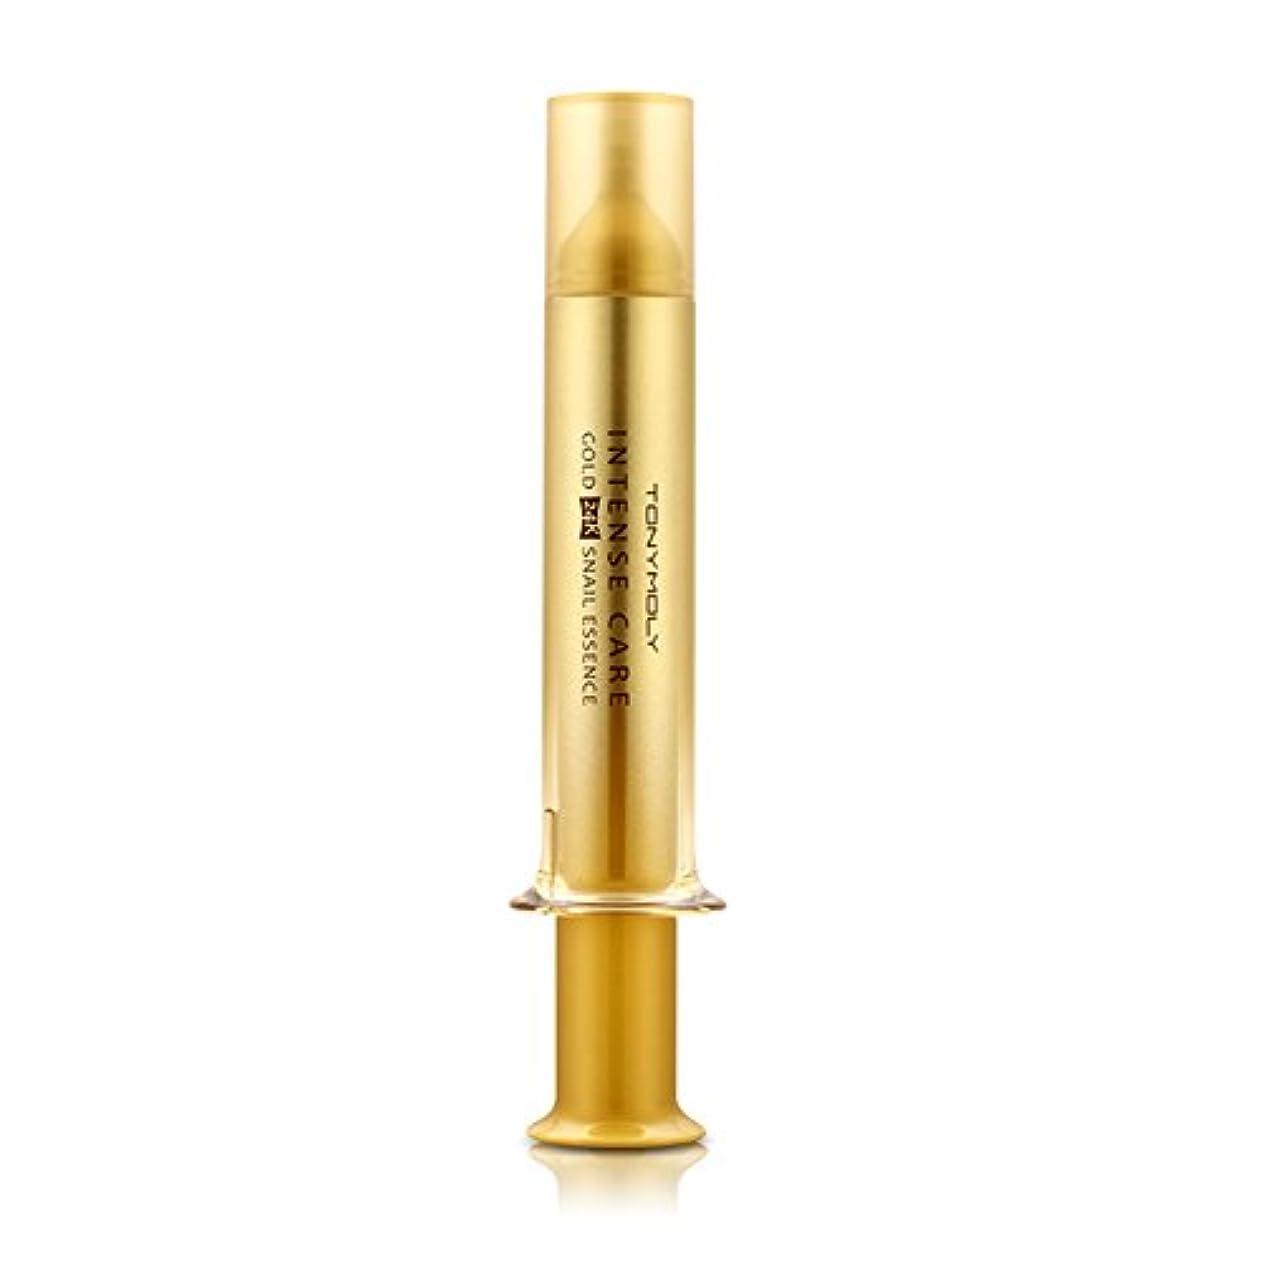 はい気分が悪いガジュマルTONYMOLY INTENSE CARE Gold 24K Snail Essence 15ml